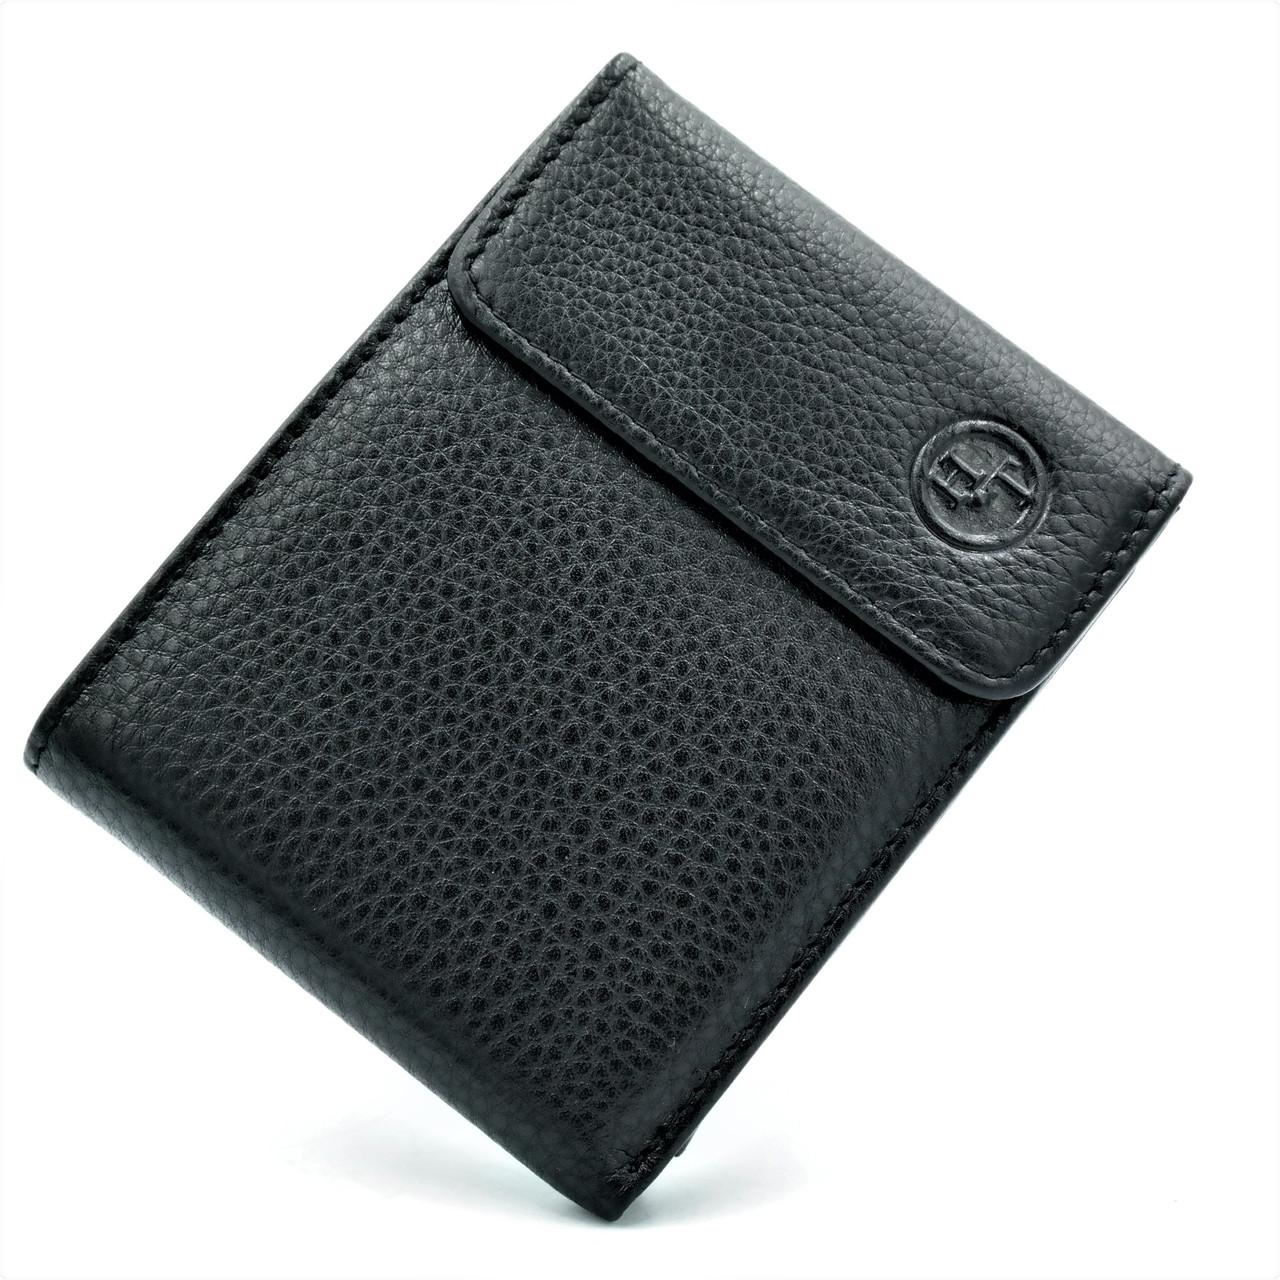 Чоловічий шкіряний гаманець Чорного кольору Невеликий чоловічий гаманець Зручний шкіряний гаманець